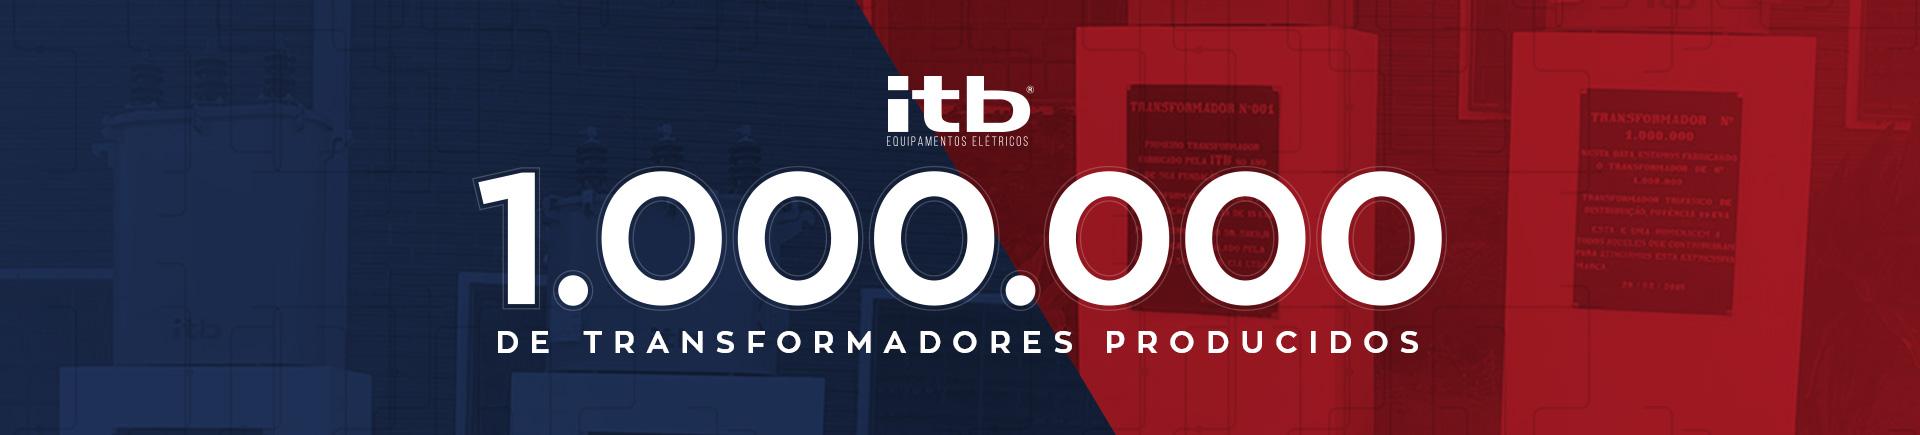 transformadores-itb-milhao-produzido